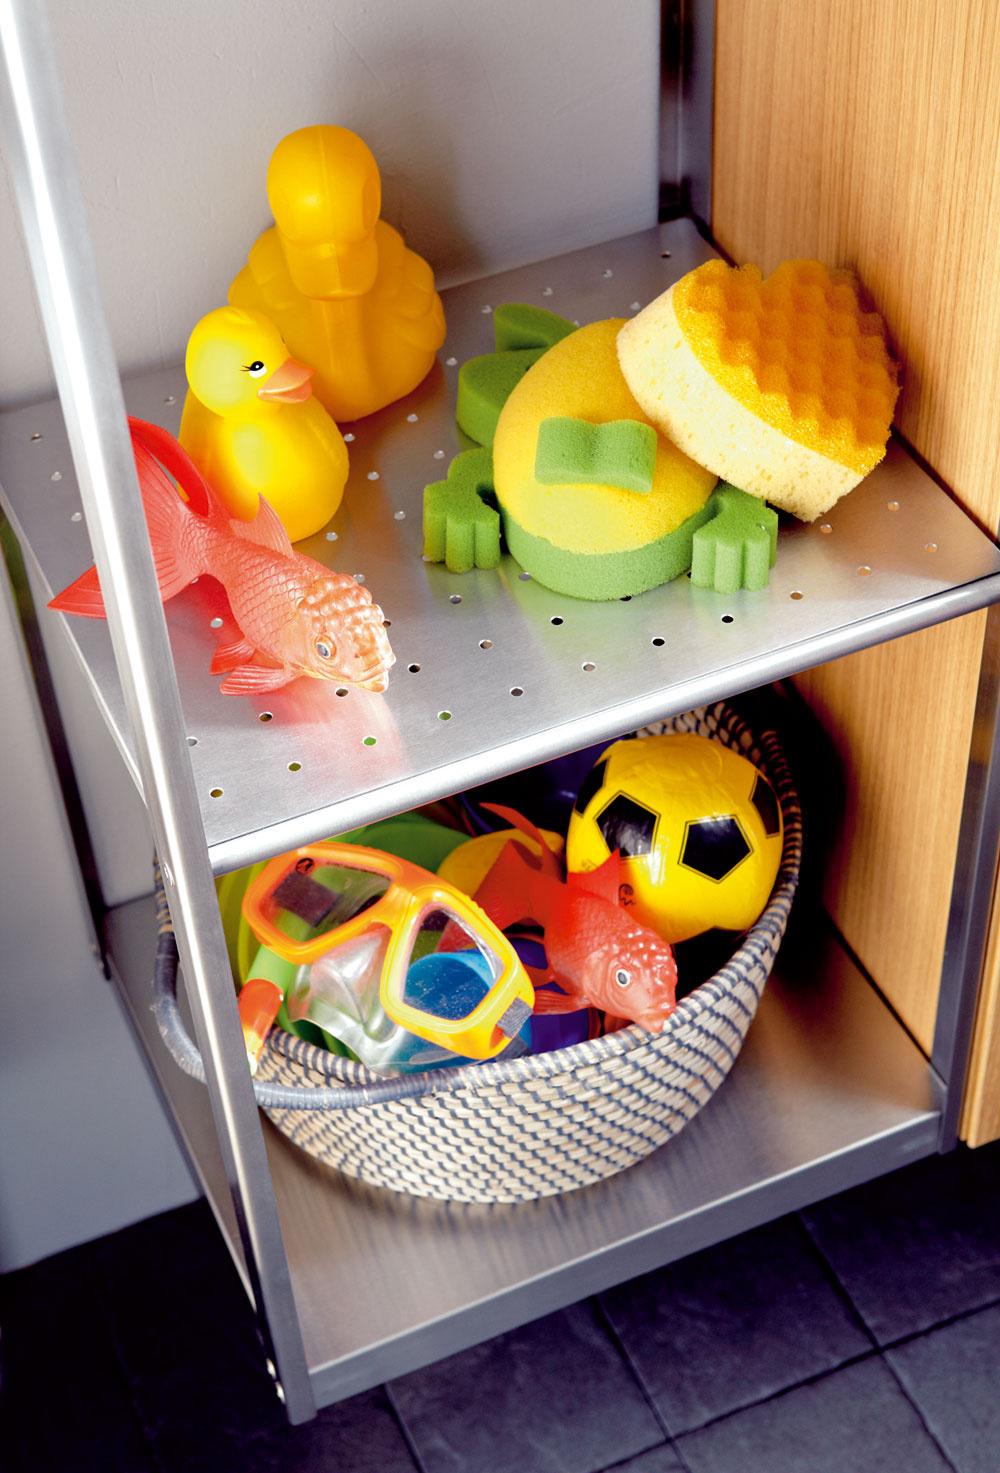 """Praktická polica na všetky """"dôležité"""" predmety potrebné pri morskej výprave vo vani sa vždy zíde. Odkladacích plôch v kúpeľni pre deti nikdy nie je dosť. Otvorený úložný priestor pomáha deťom nájsť to, čo potrebujú. Uložte veci potrebné na zábavu vo vode tak, aby sa knim deti ľahko dostali."""